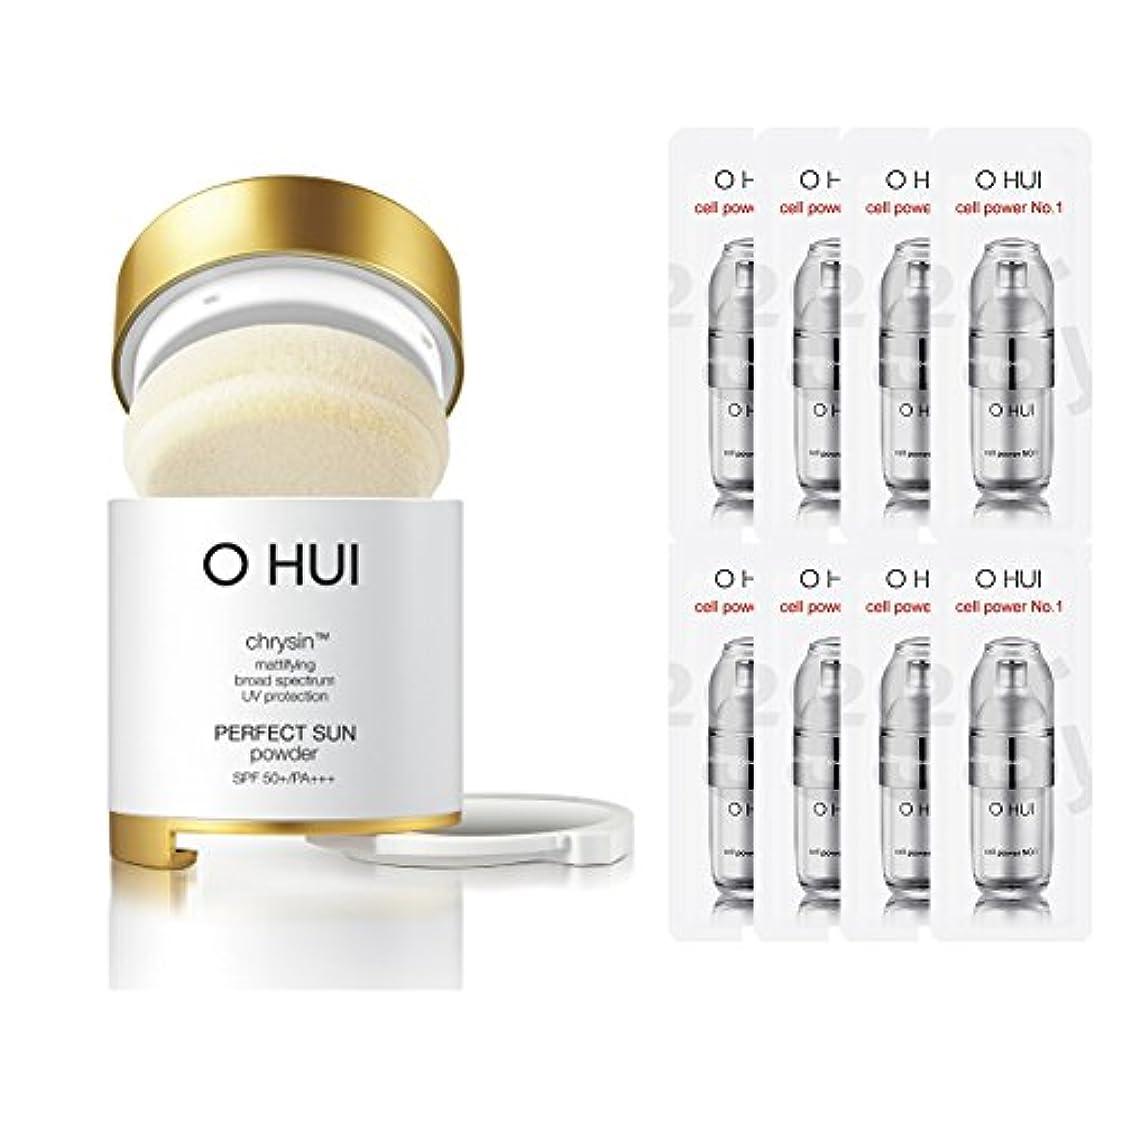 強打試みるのOHUI/オフィ2015年 パーフェクトサンパウダー (OHUI Version Perfect Sun Powder SPF50++PA+++ Special Gift set) スポット [海外直送品] (2号ベージュ)